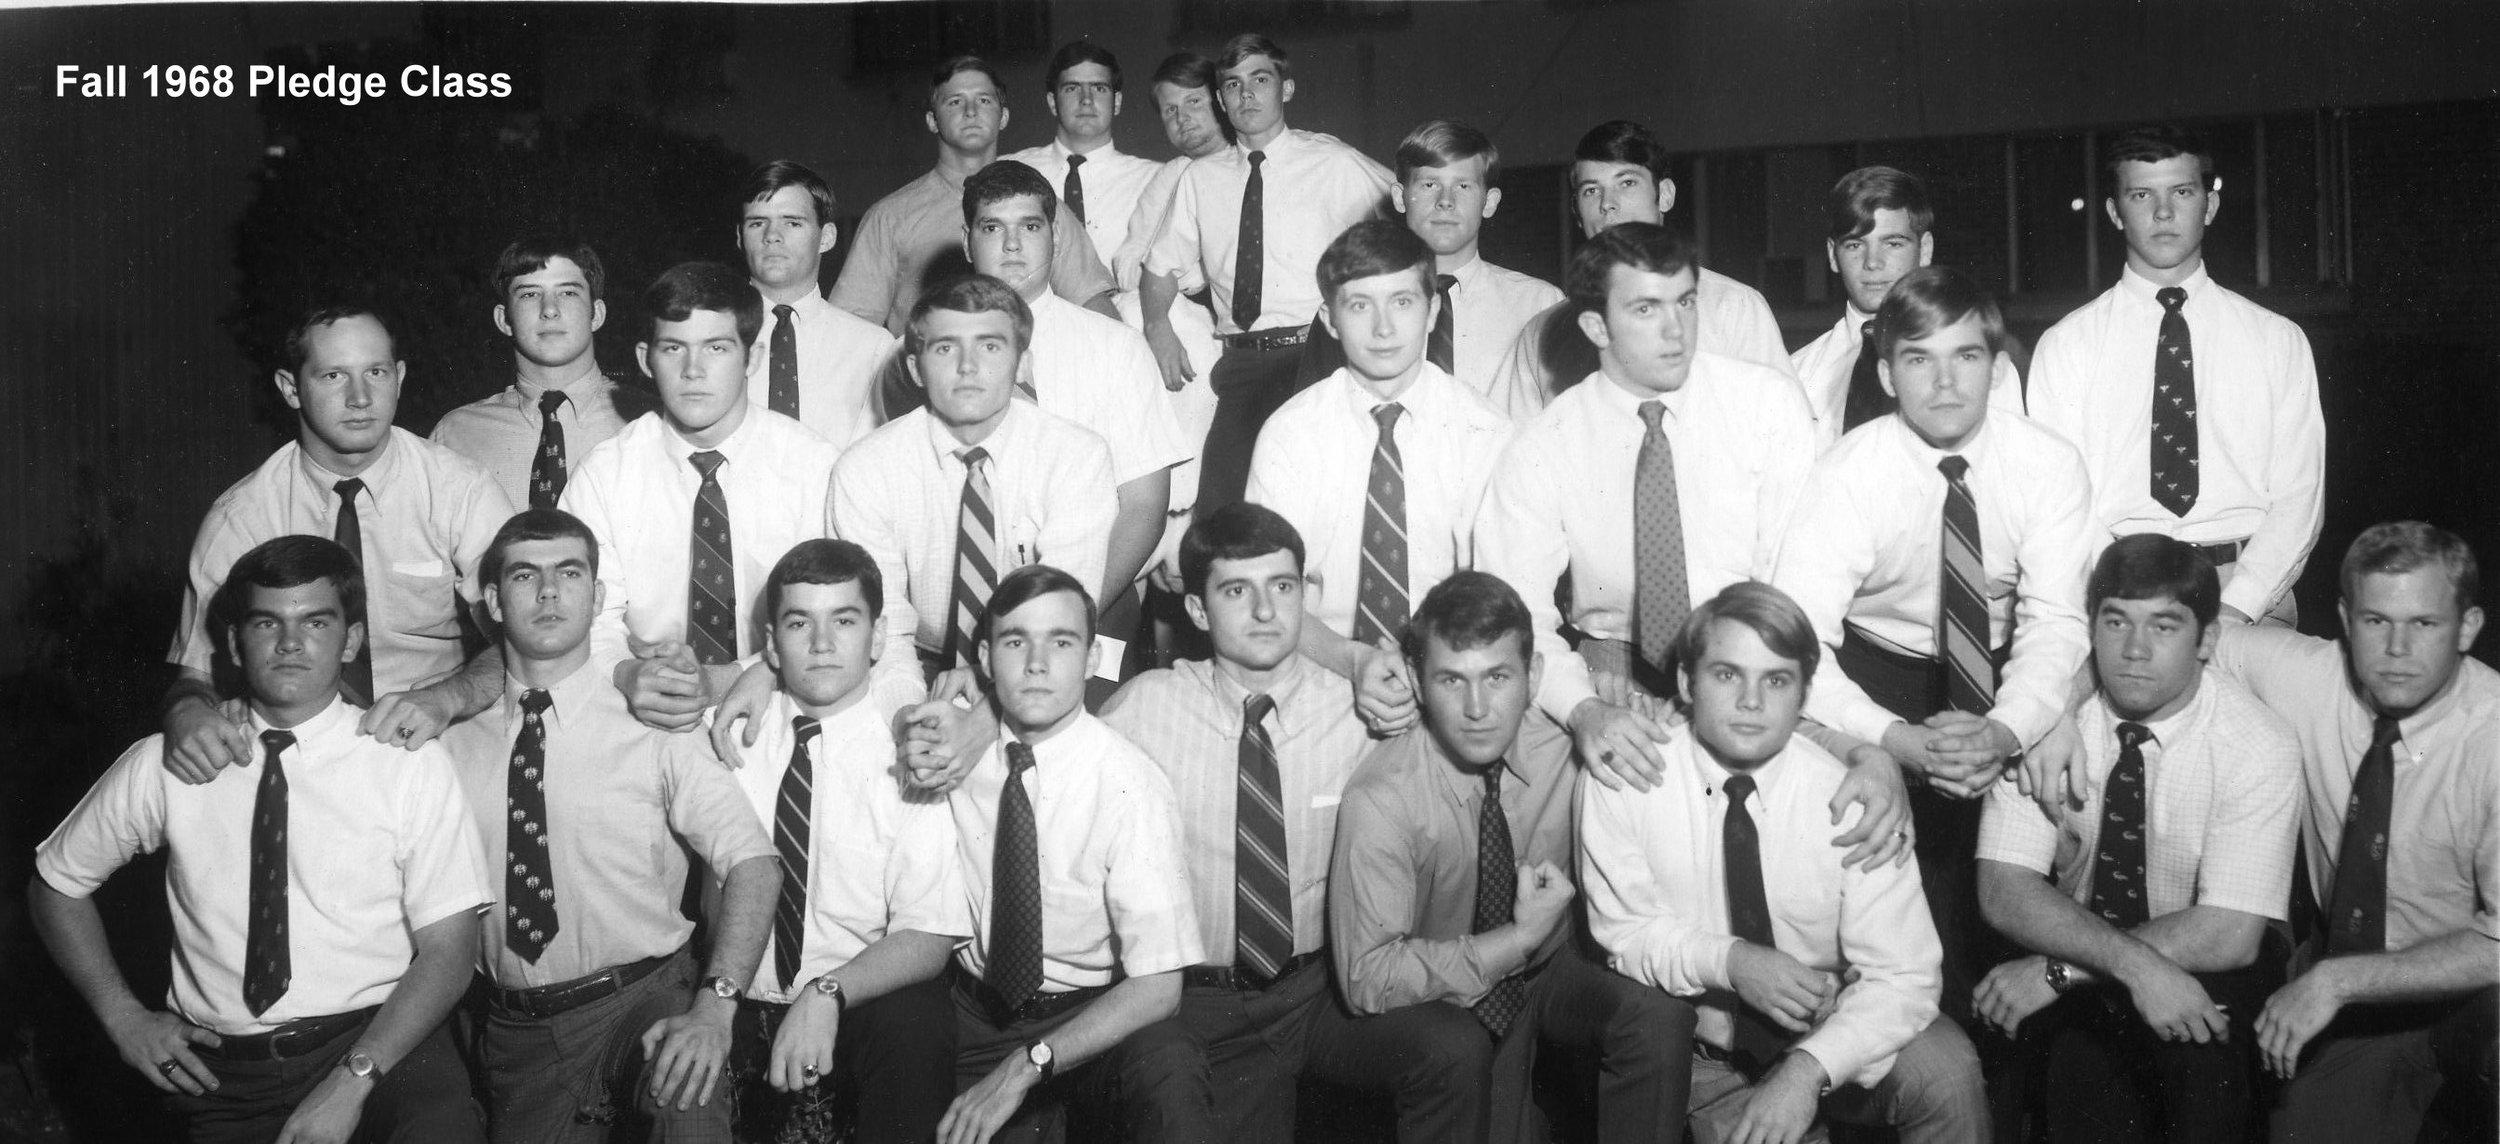 1968 Fall Pledge Class.jpg